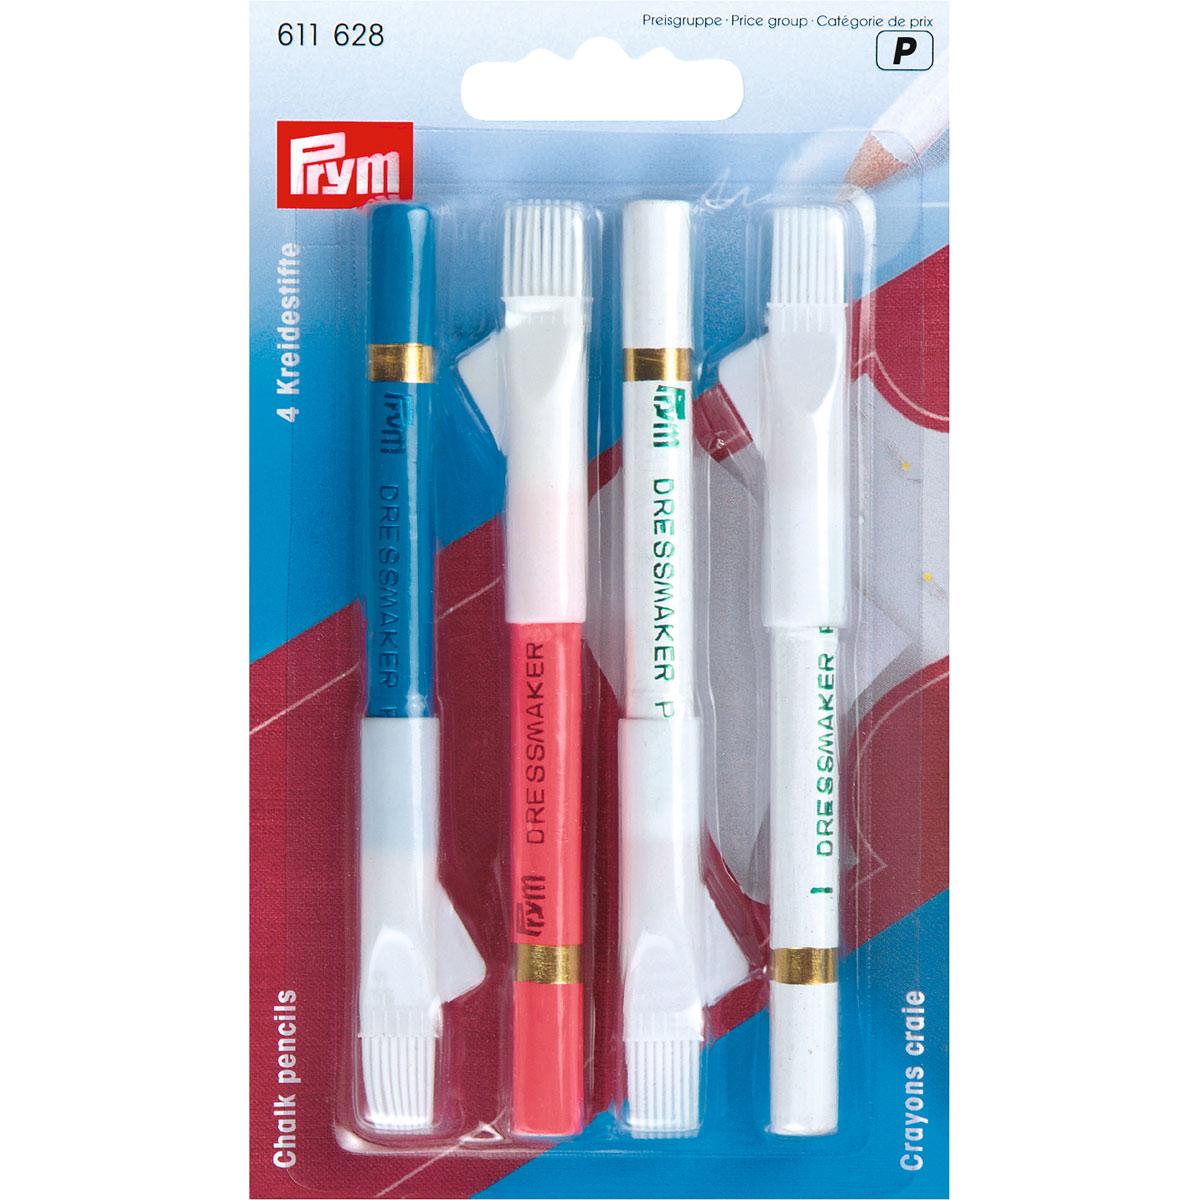 611628 Меловые карандаши со стирающей кисточкой, разноцв. набор Prym